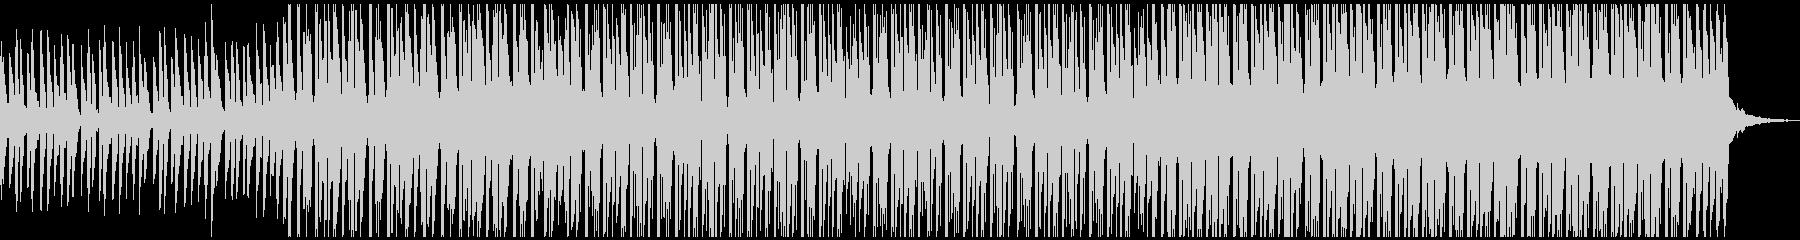 ハウス(中)の未再生の波形